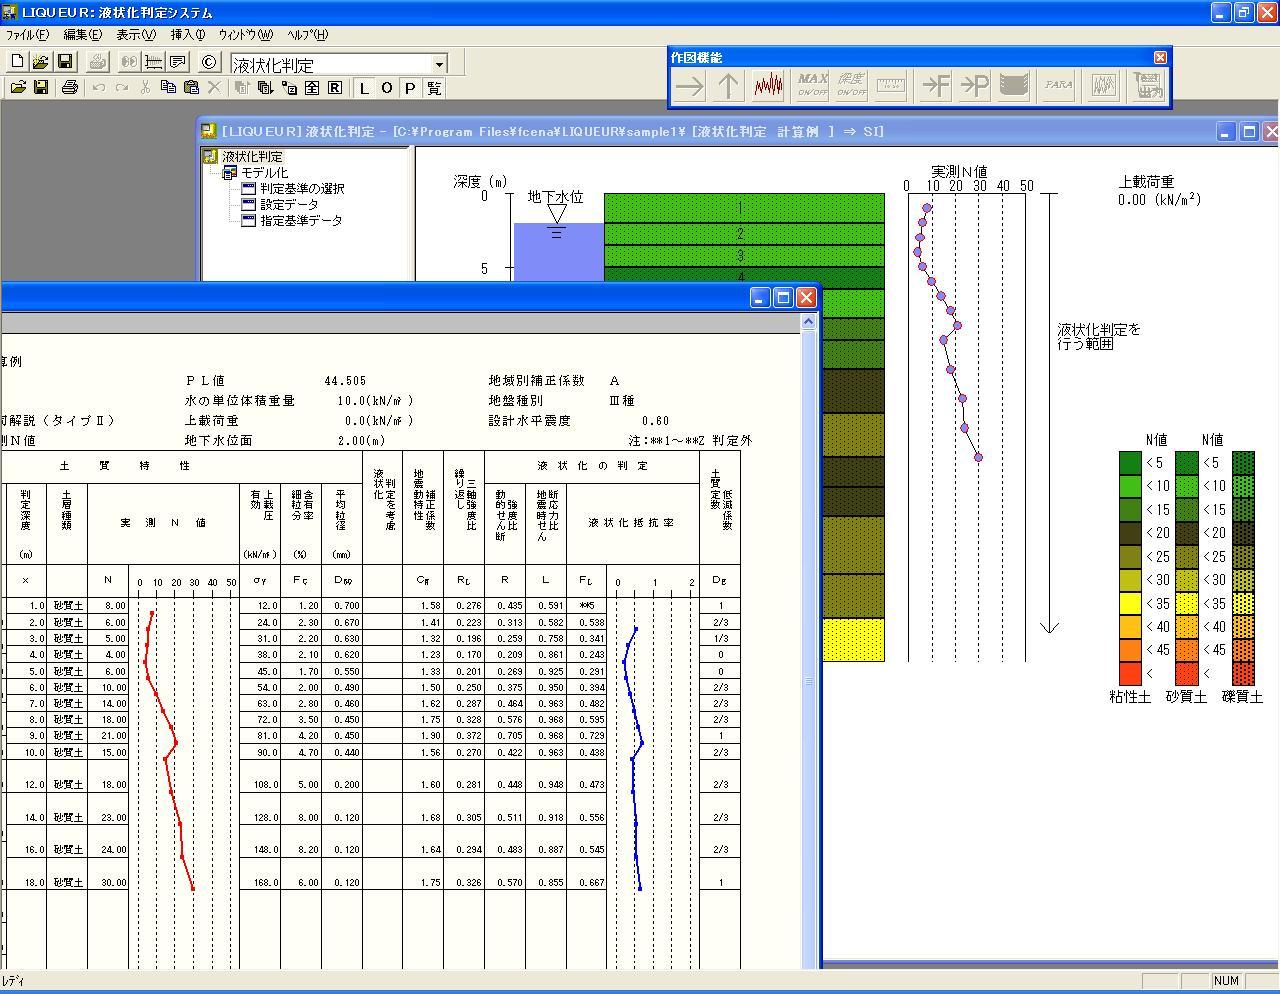 液状化判定「地震応答解析対応」 LIQUEUR